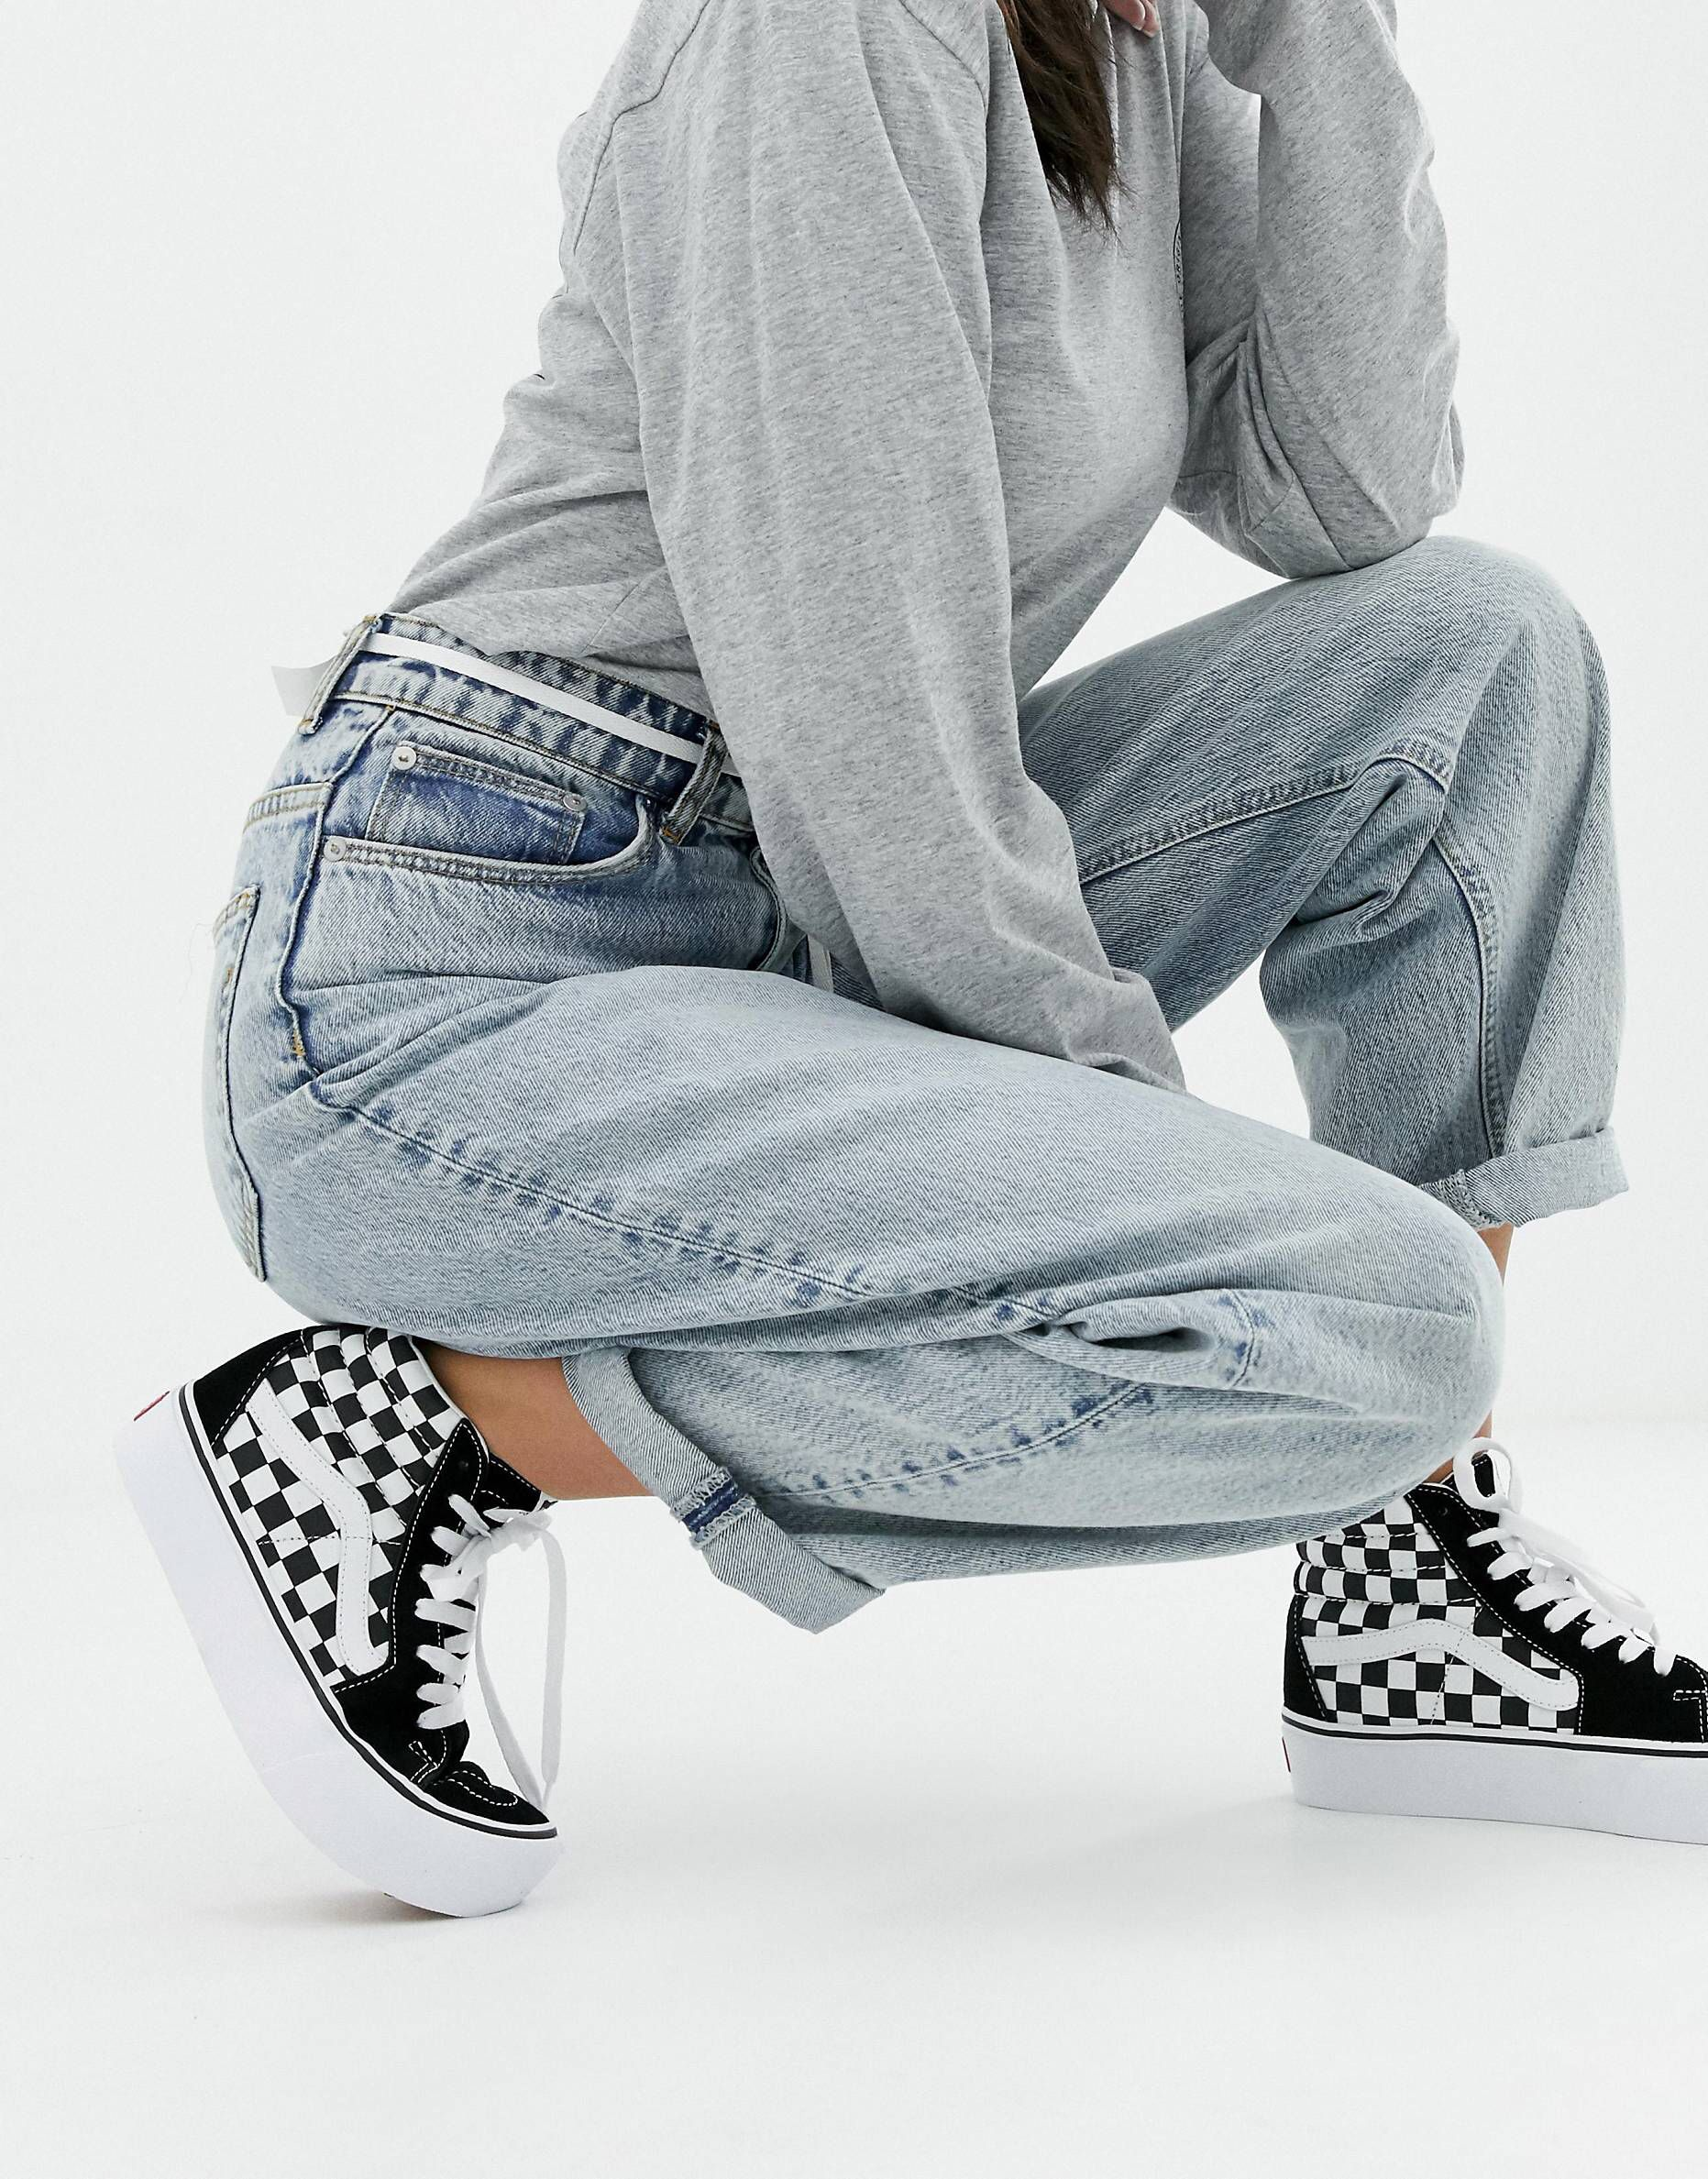 c9abde47458 Vans Black Checkerboard Platform Sk8-Hi Sneakers in 2019 | Sneakers |  Platform sneakers outfit, Vans sk8 hi platform, Vans sk8 hi outfit